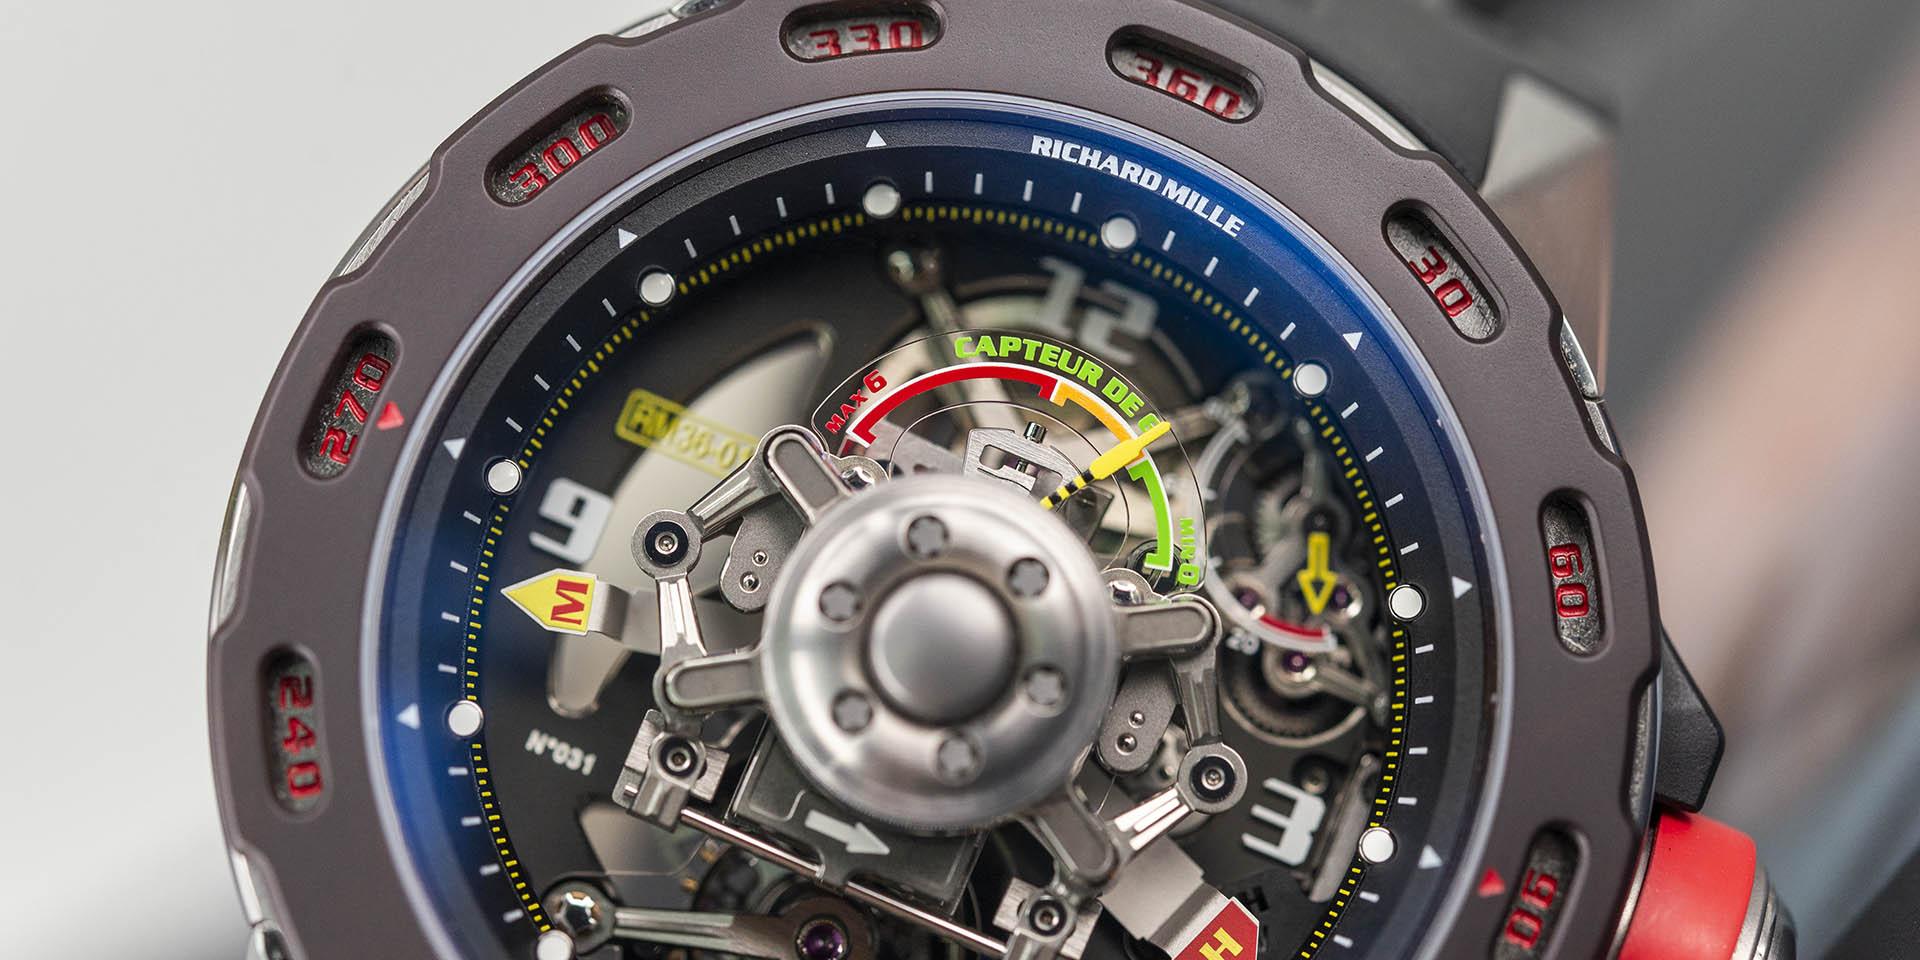 richard-mille-rm-36-01-tourbillon-g-sensor-sebastien-loeb-1.jpg